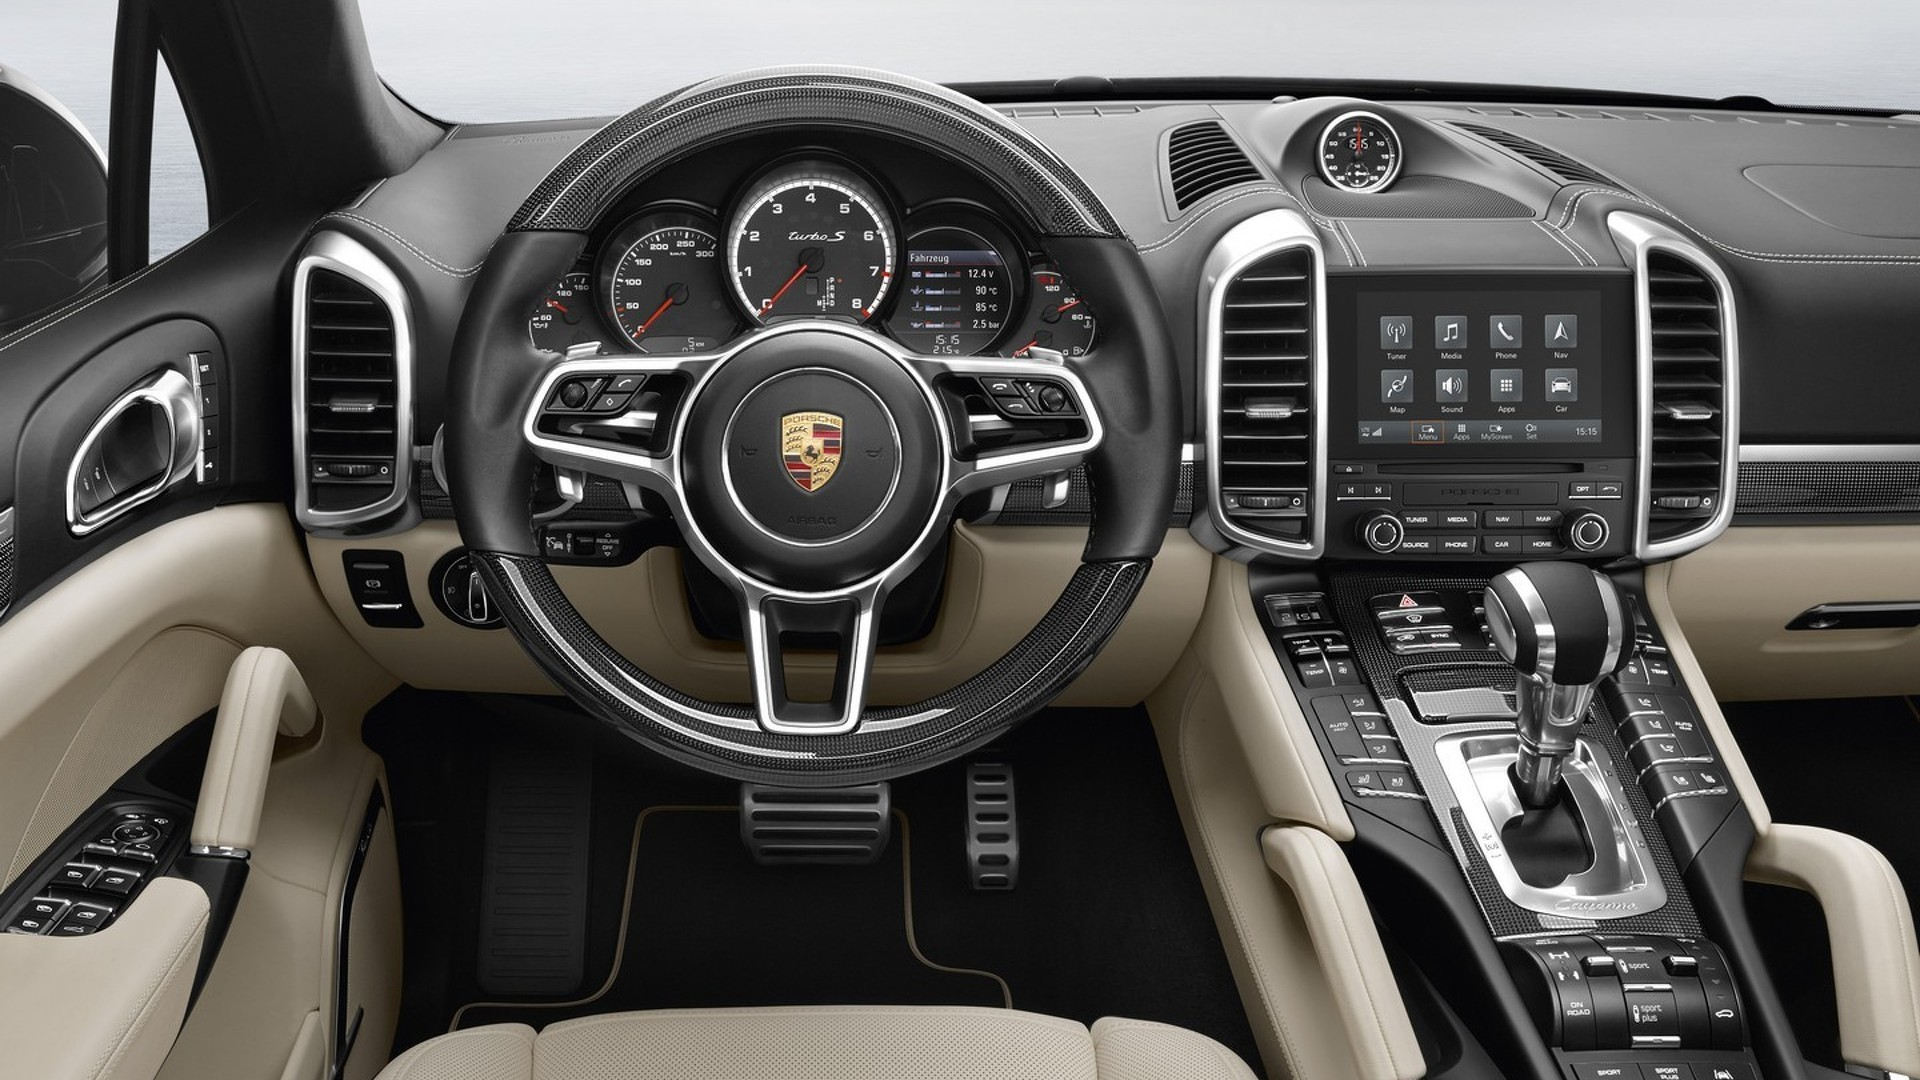 Porsche Cayenne gets latest 7-inch PCM infotainment